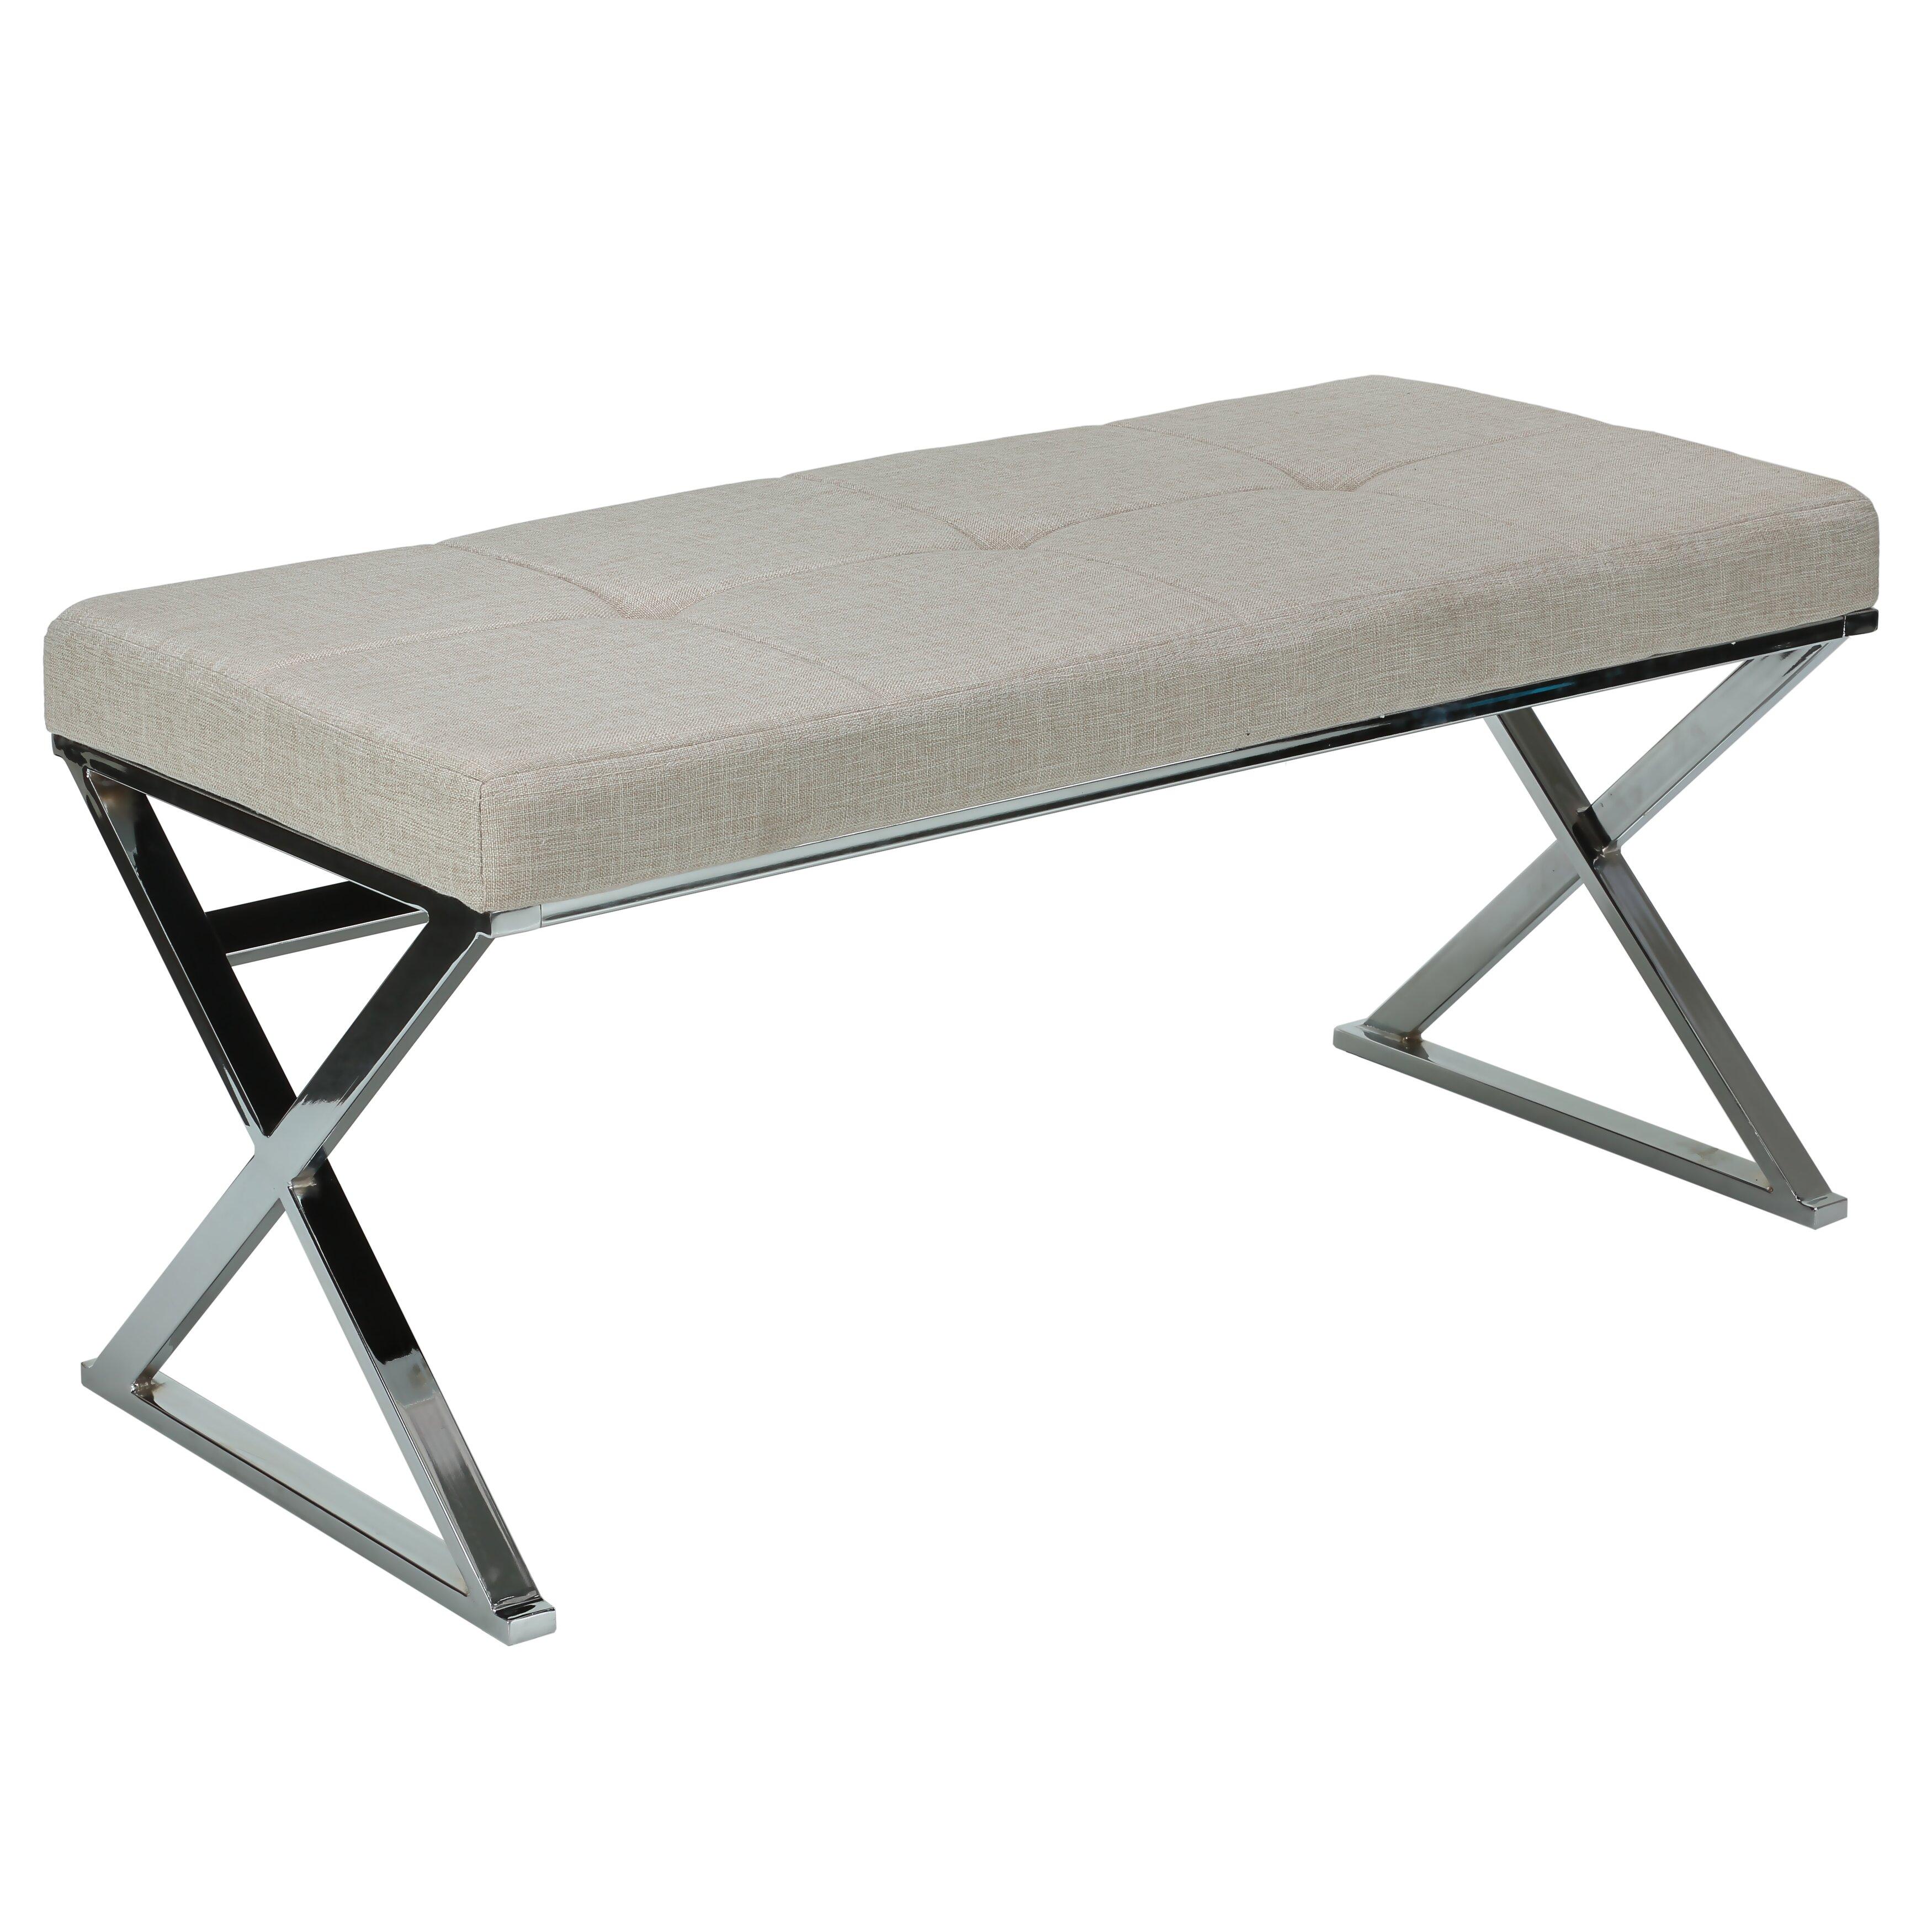 Furniture Accent Furniture Benches Cortesi Home SKU CRTH1195